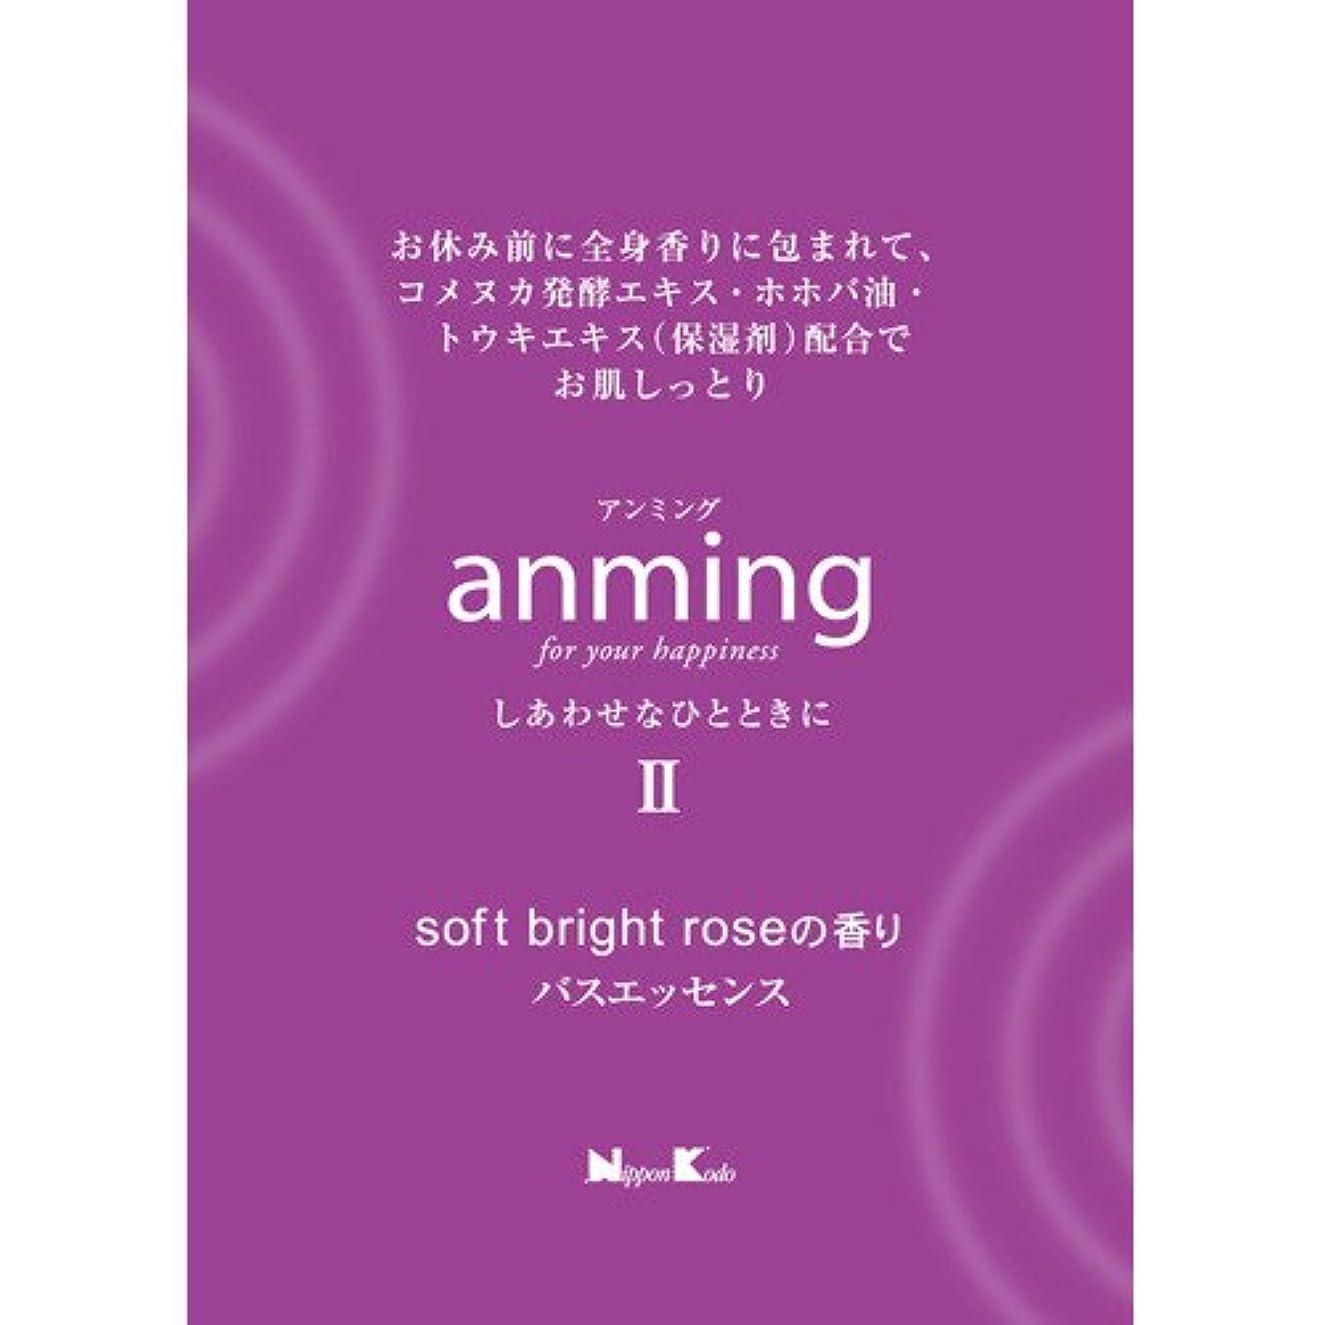 雰囲気酸化物計算可能アンミング2 バスエッセンス ミニタイプ 48ml